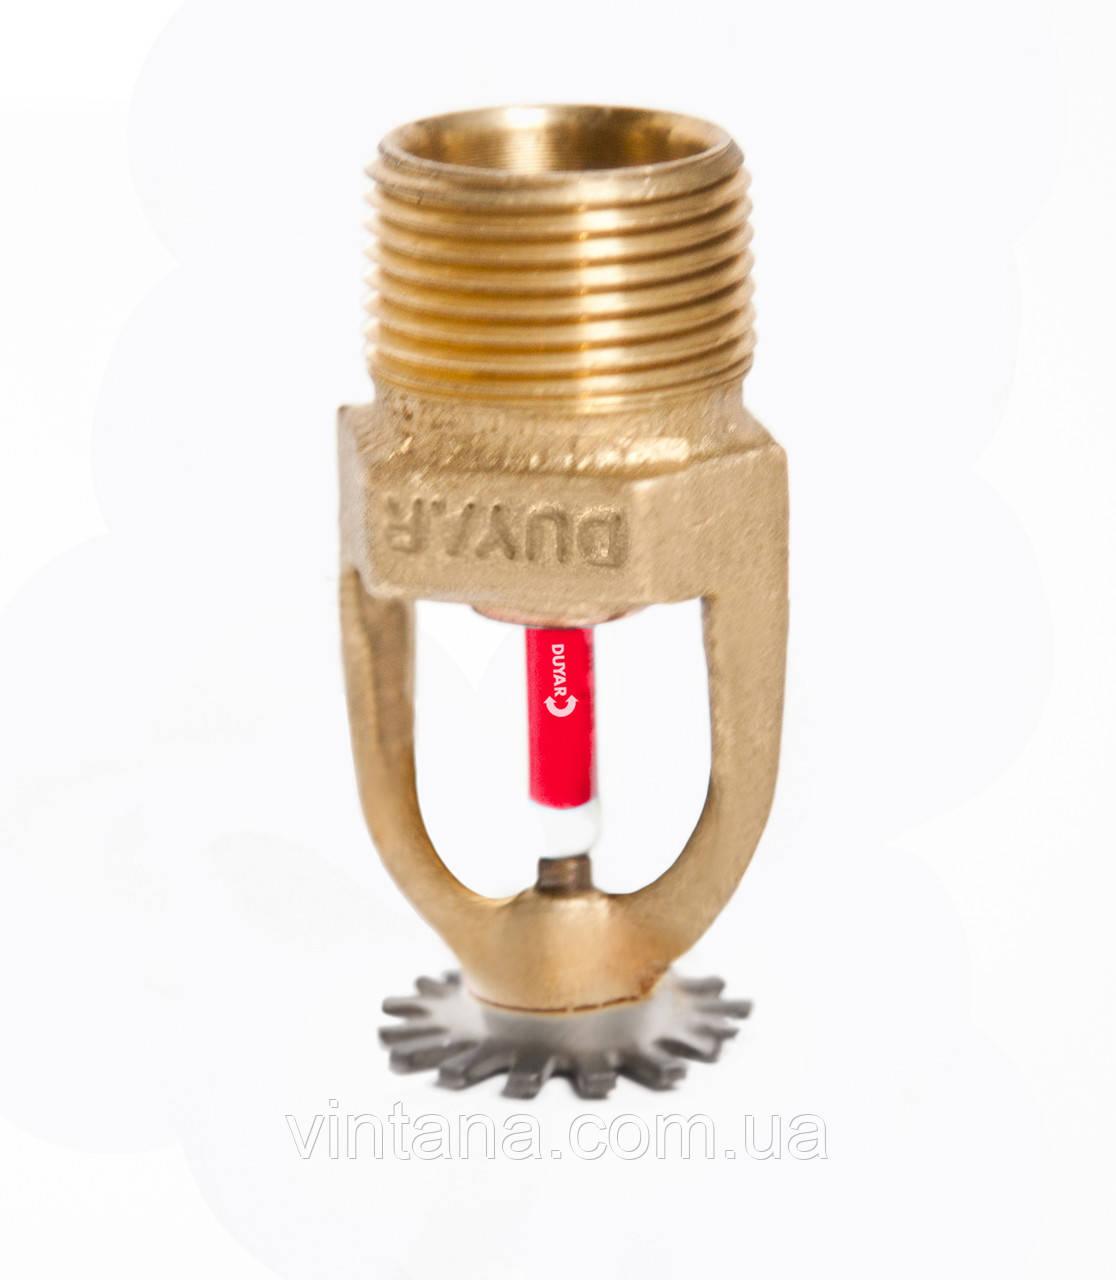 Спринклер пожарный, Duyar (Турция), розеткой вниз, 57, 68, 79°C, стандартного срабатывания, латунь.